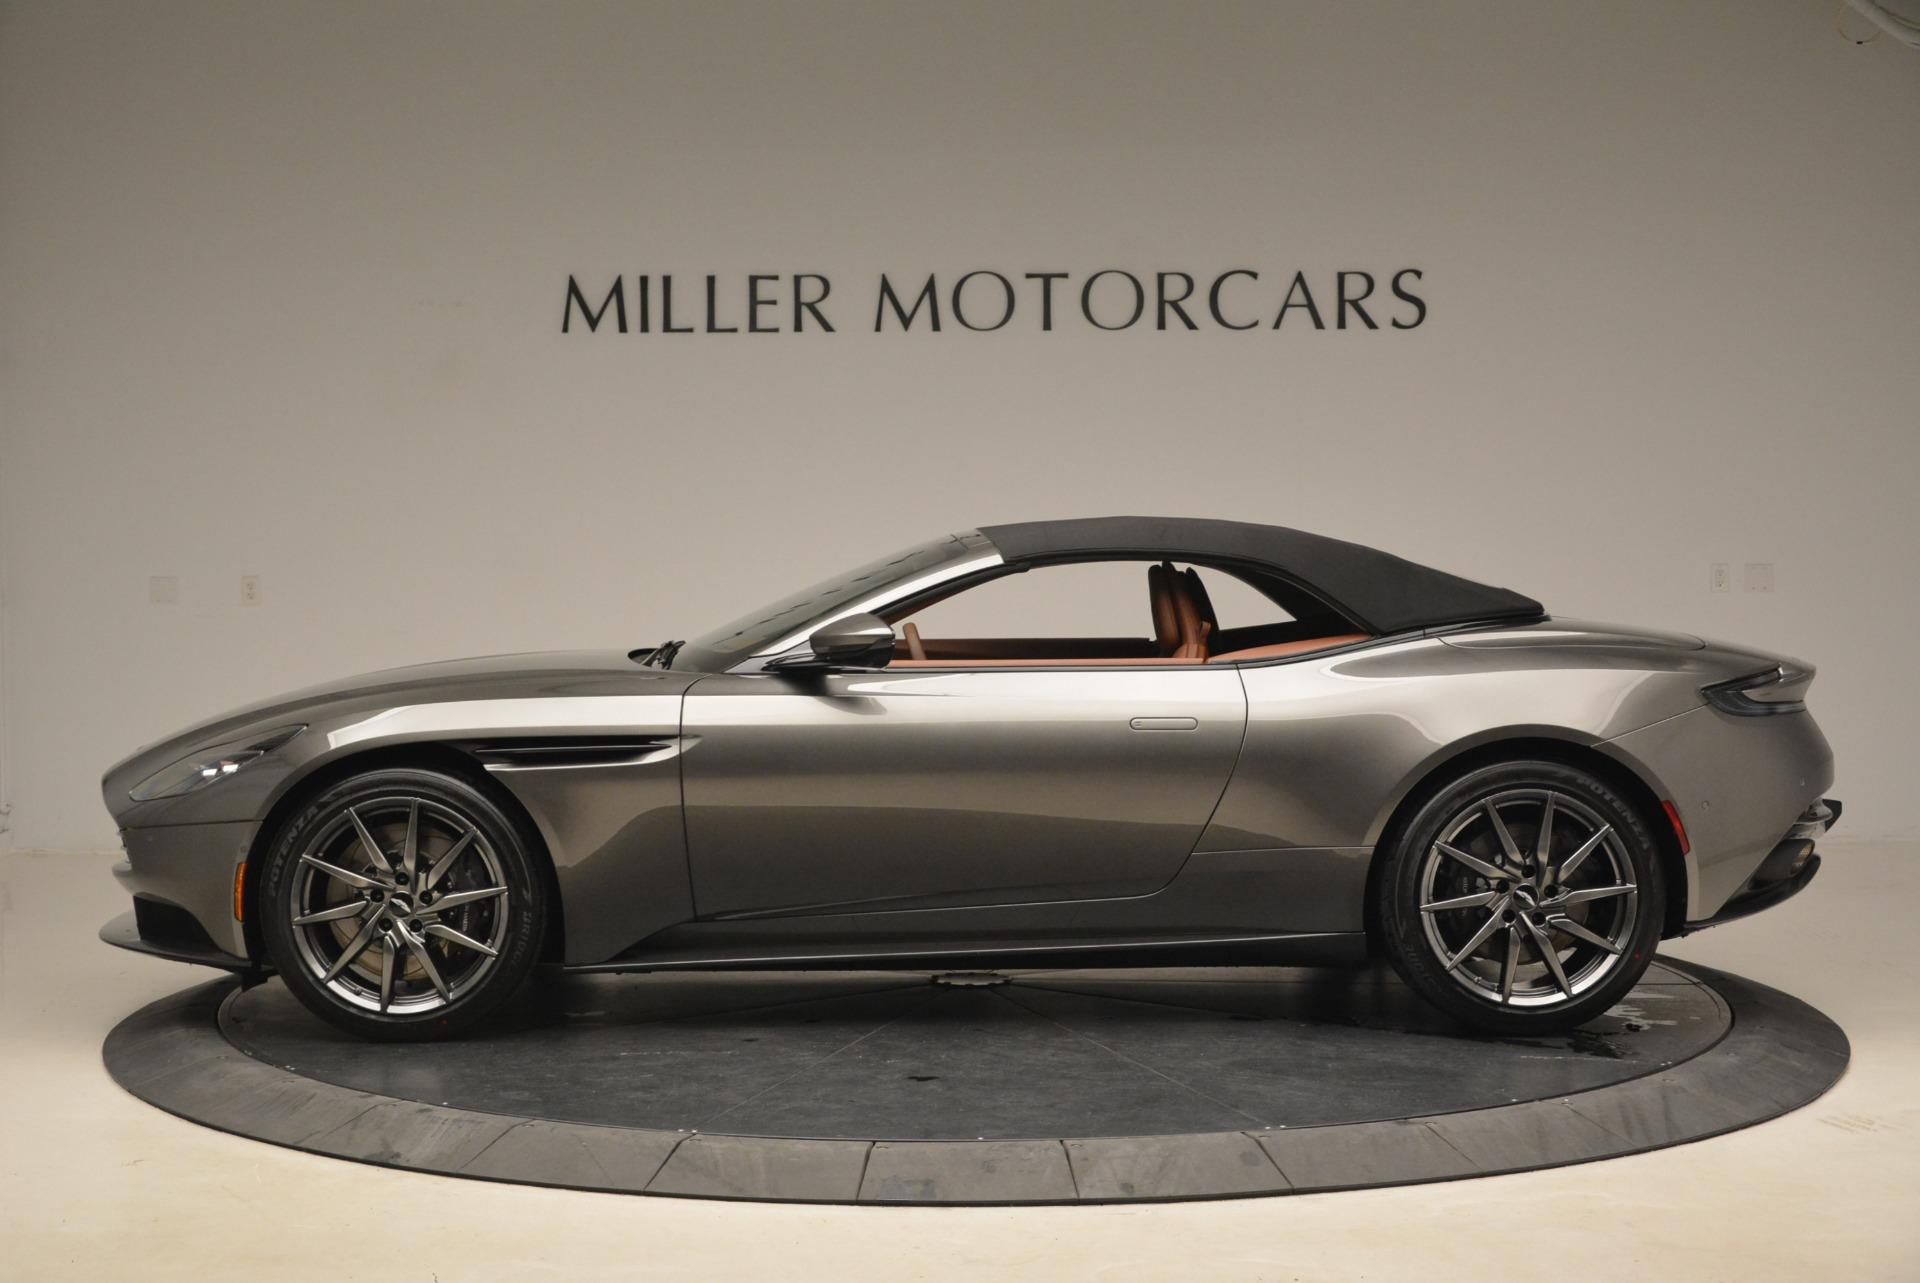 New 2019 Aston Martin DB11 Volante  For Sale In Greenwich, CT 2209_p15